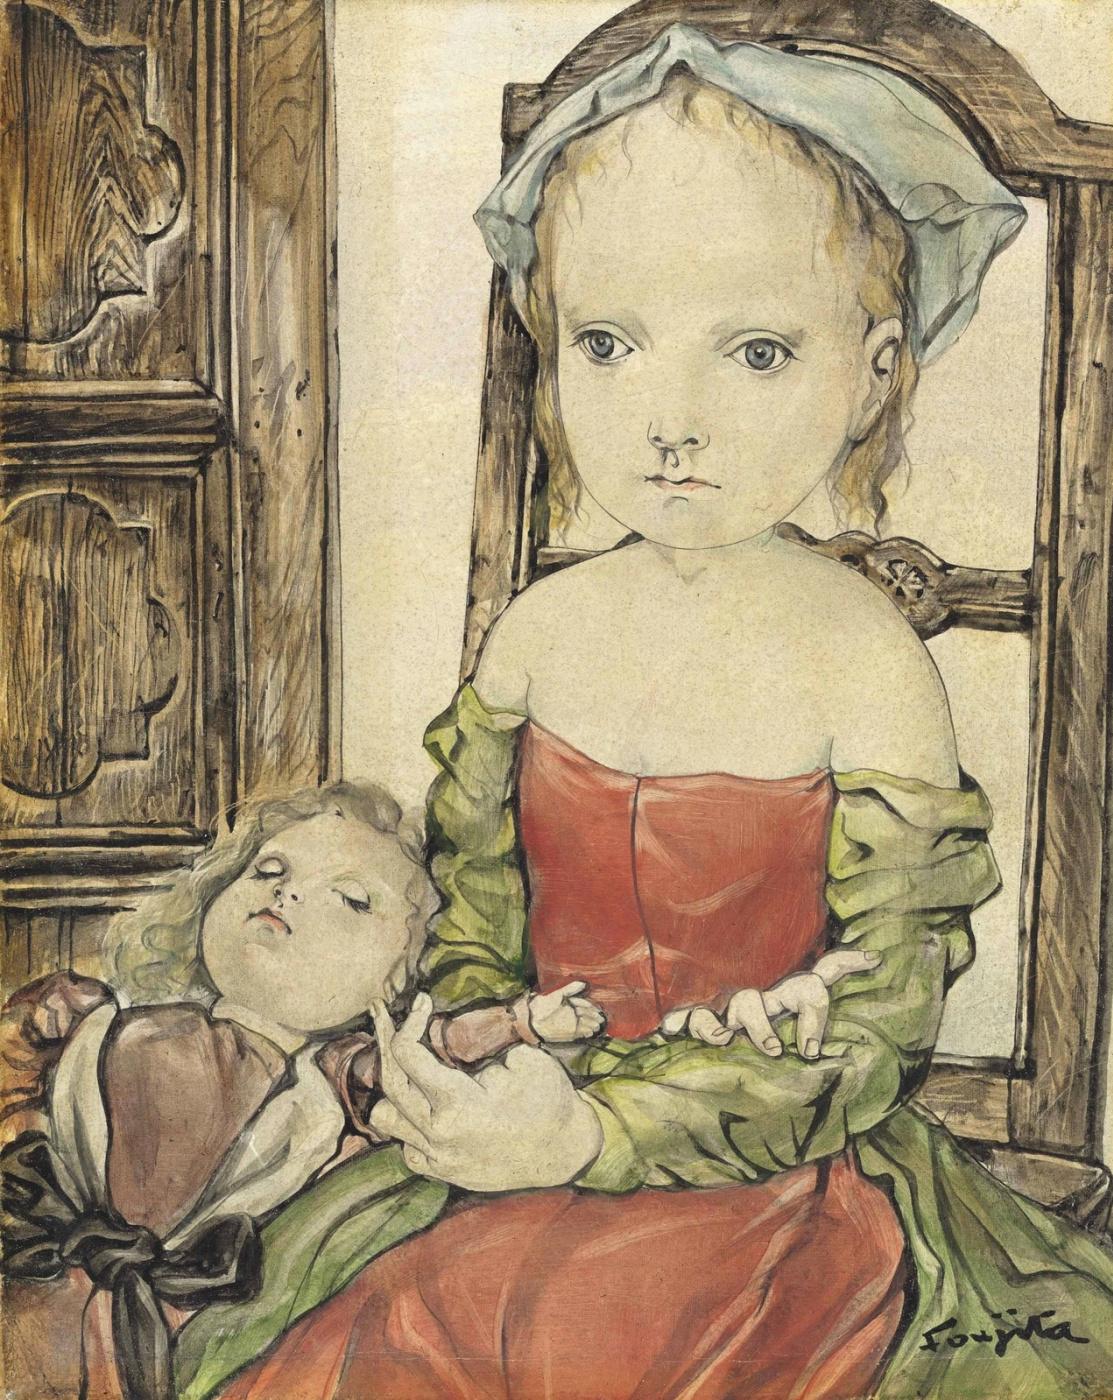 Zuguharu Fujita (Léonard Fujita). Two girls